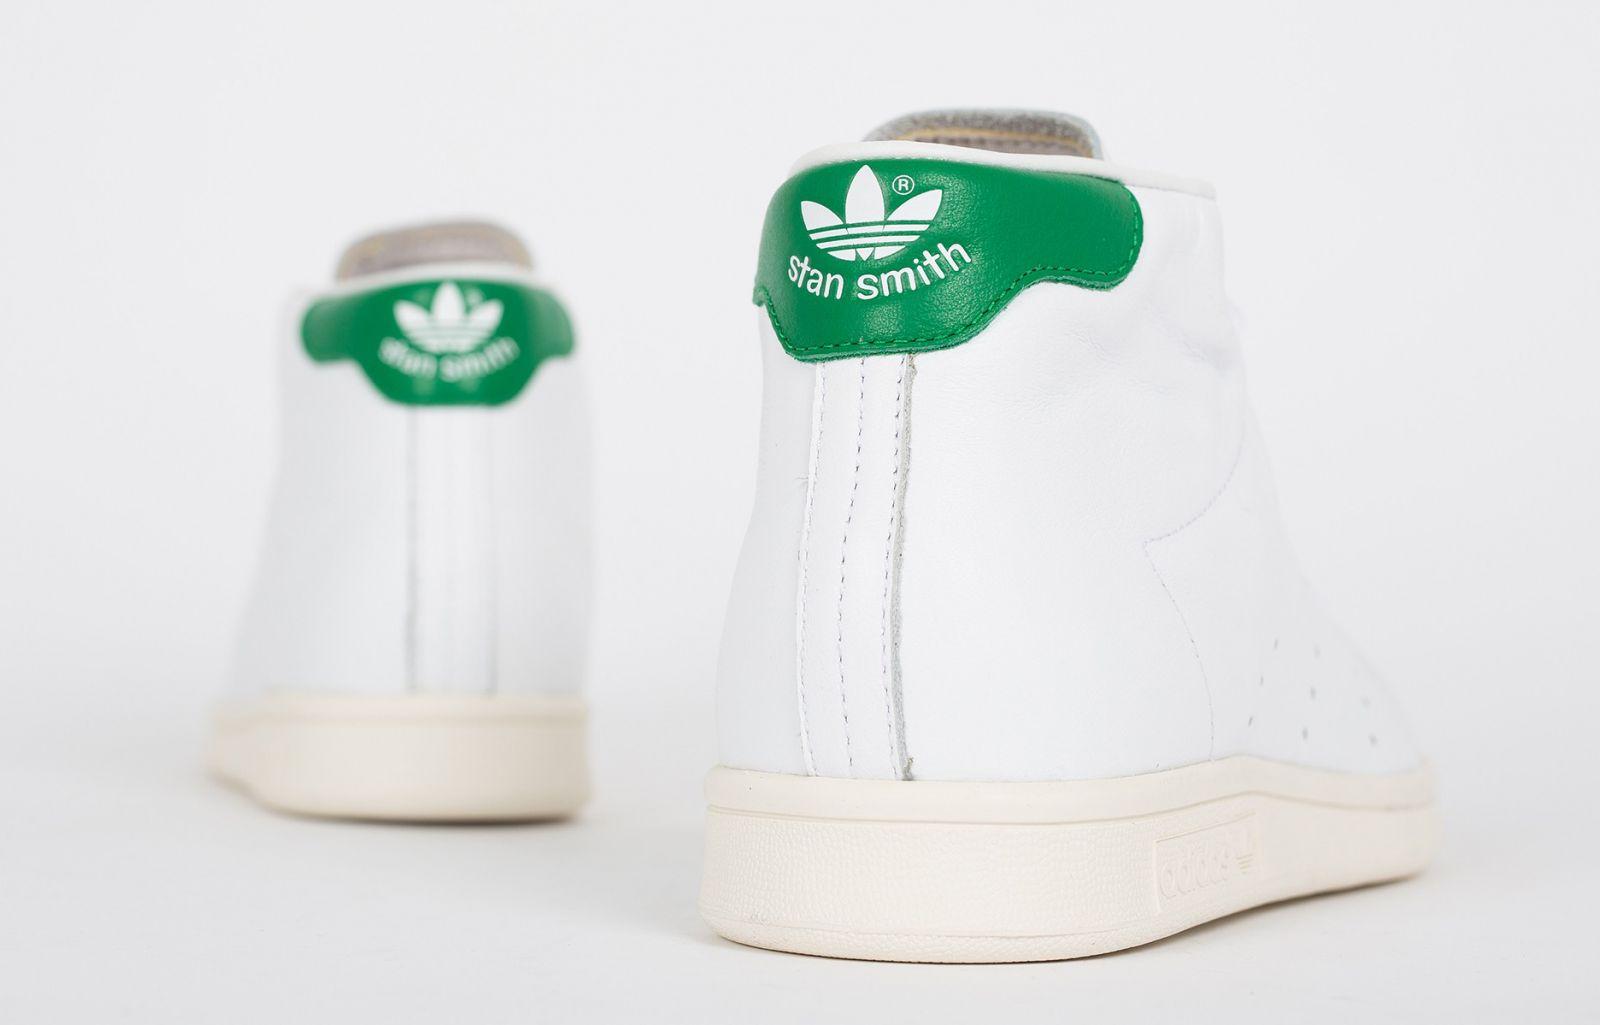 Adidas Stan Smith High Cut